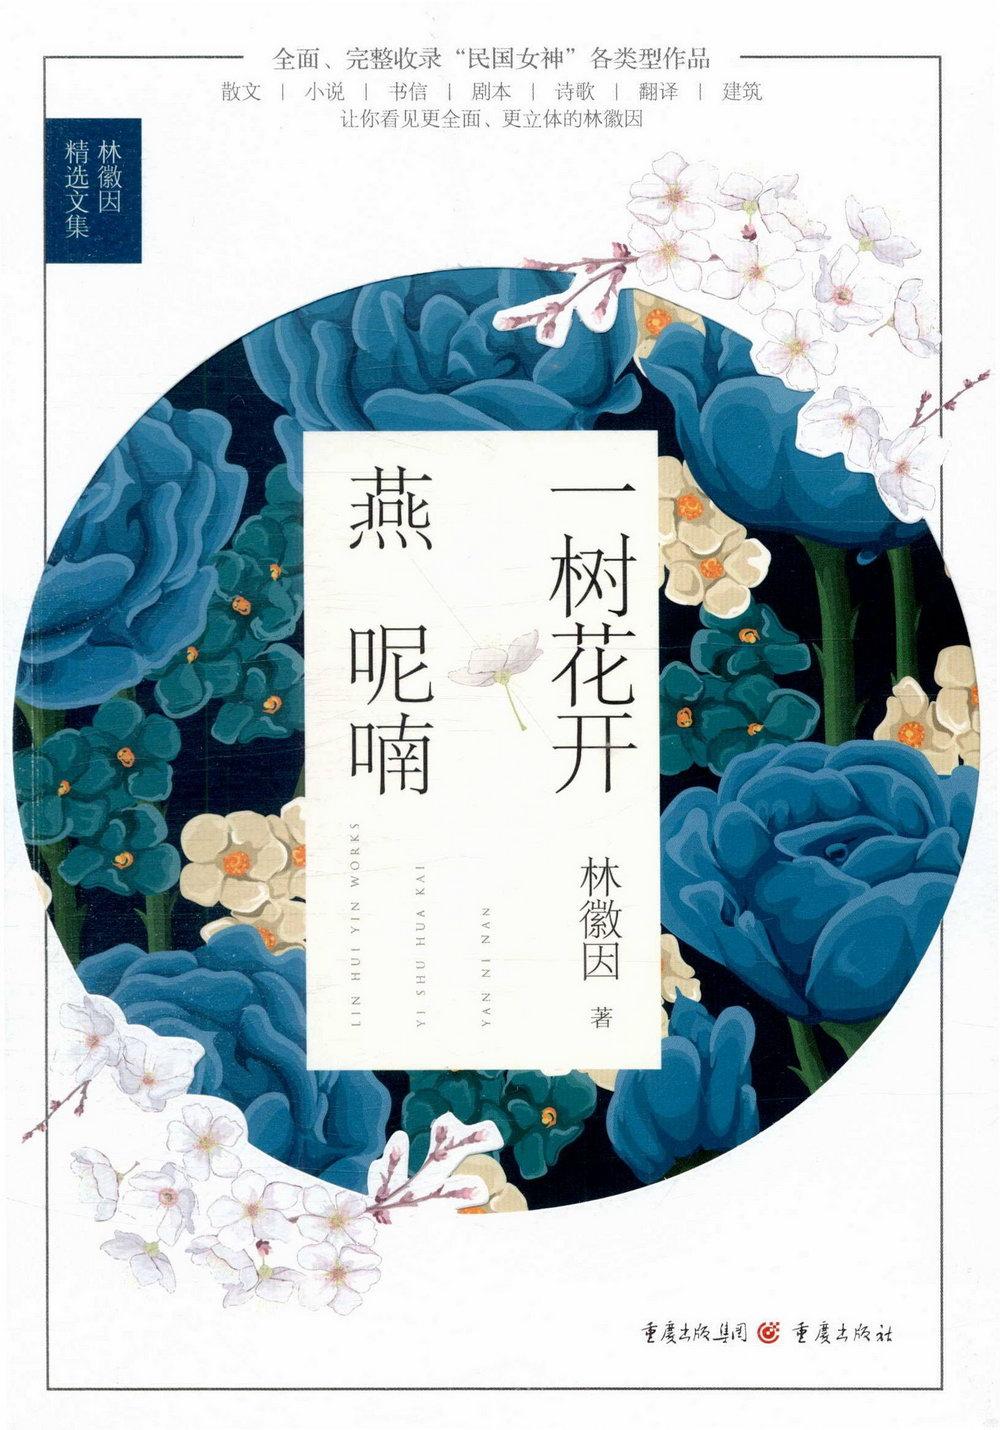 林徽因精選文集:一樹花開燕呢喃